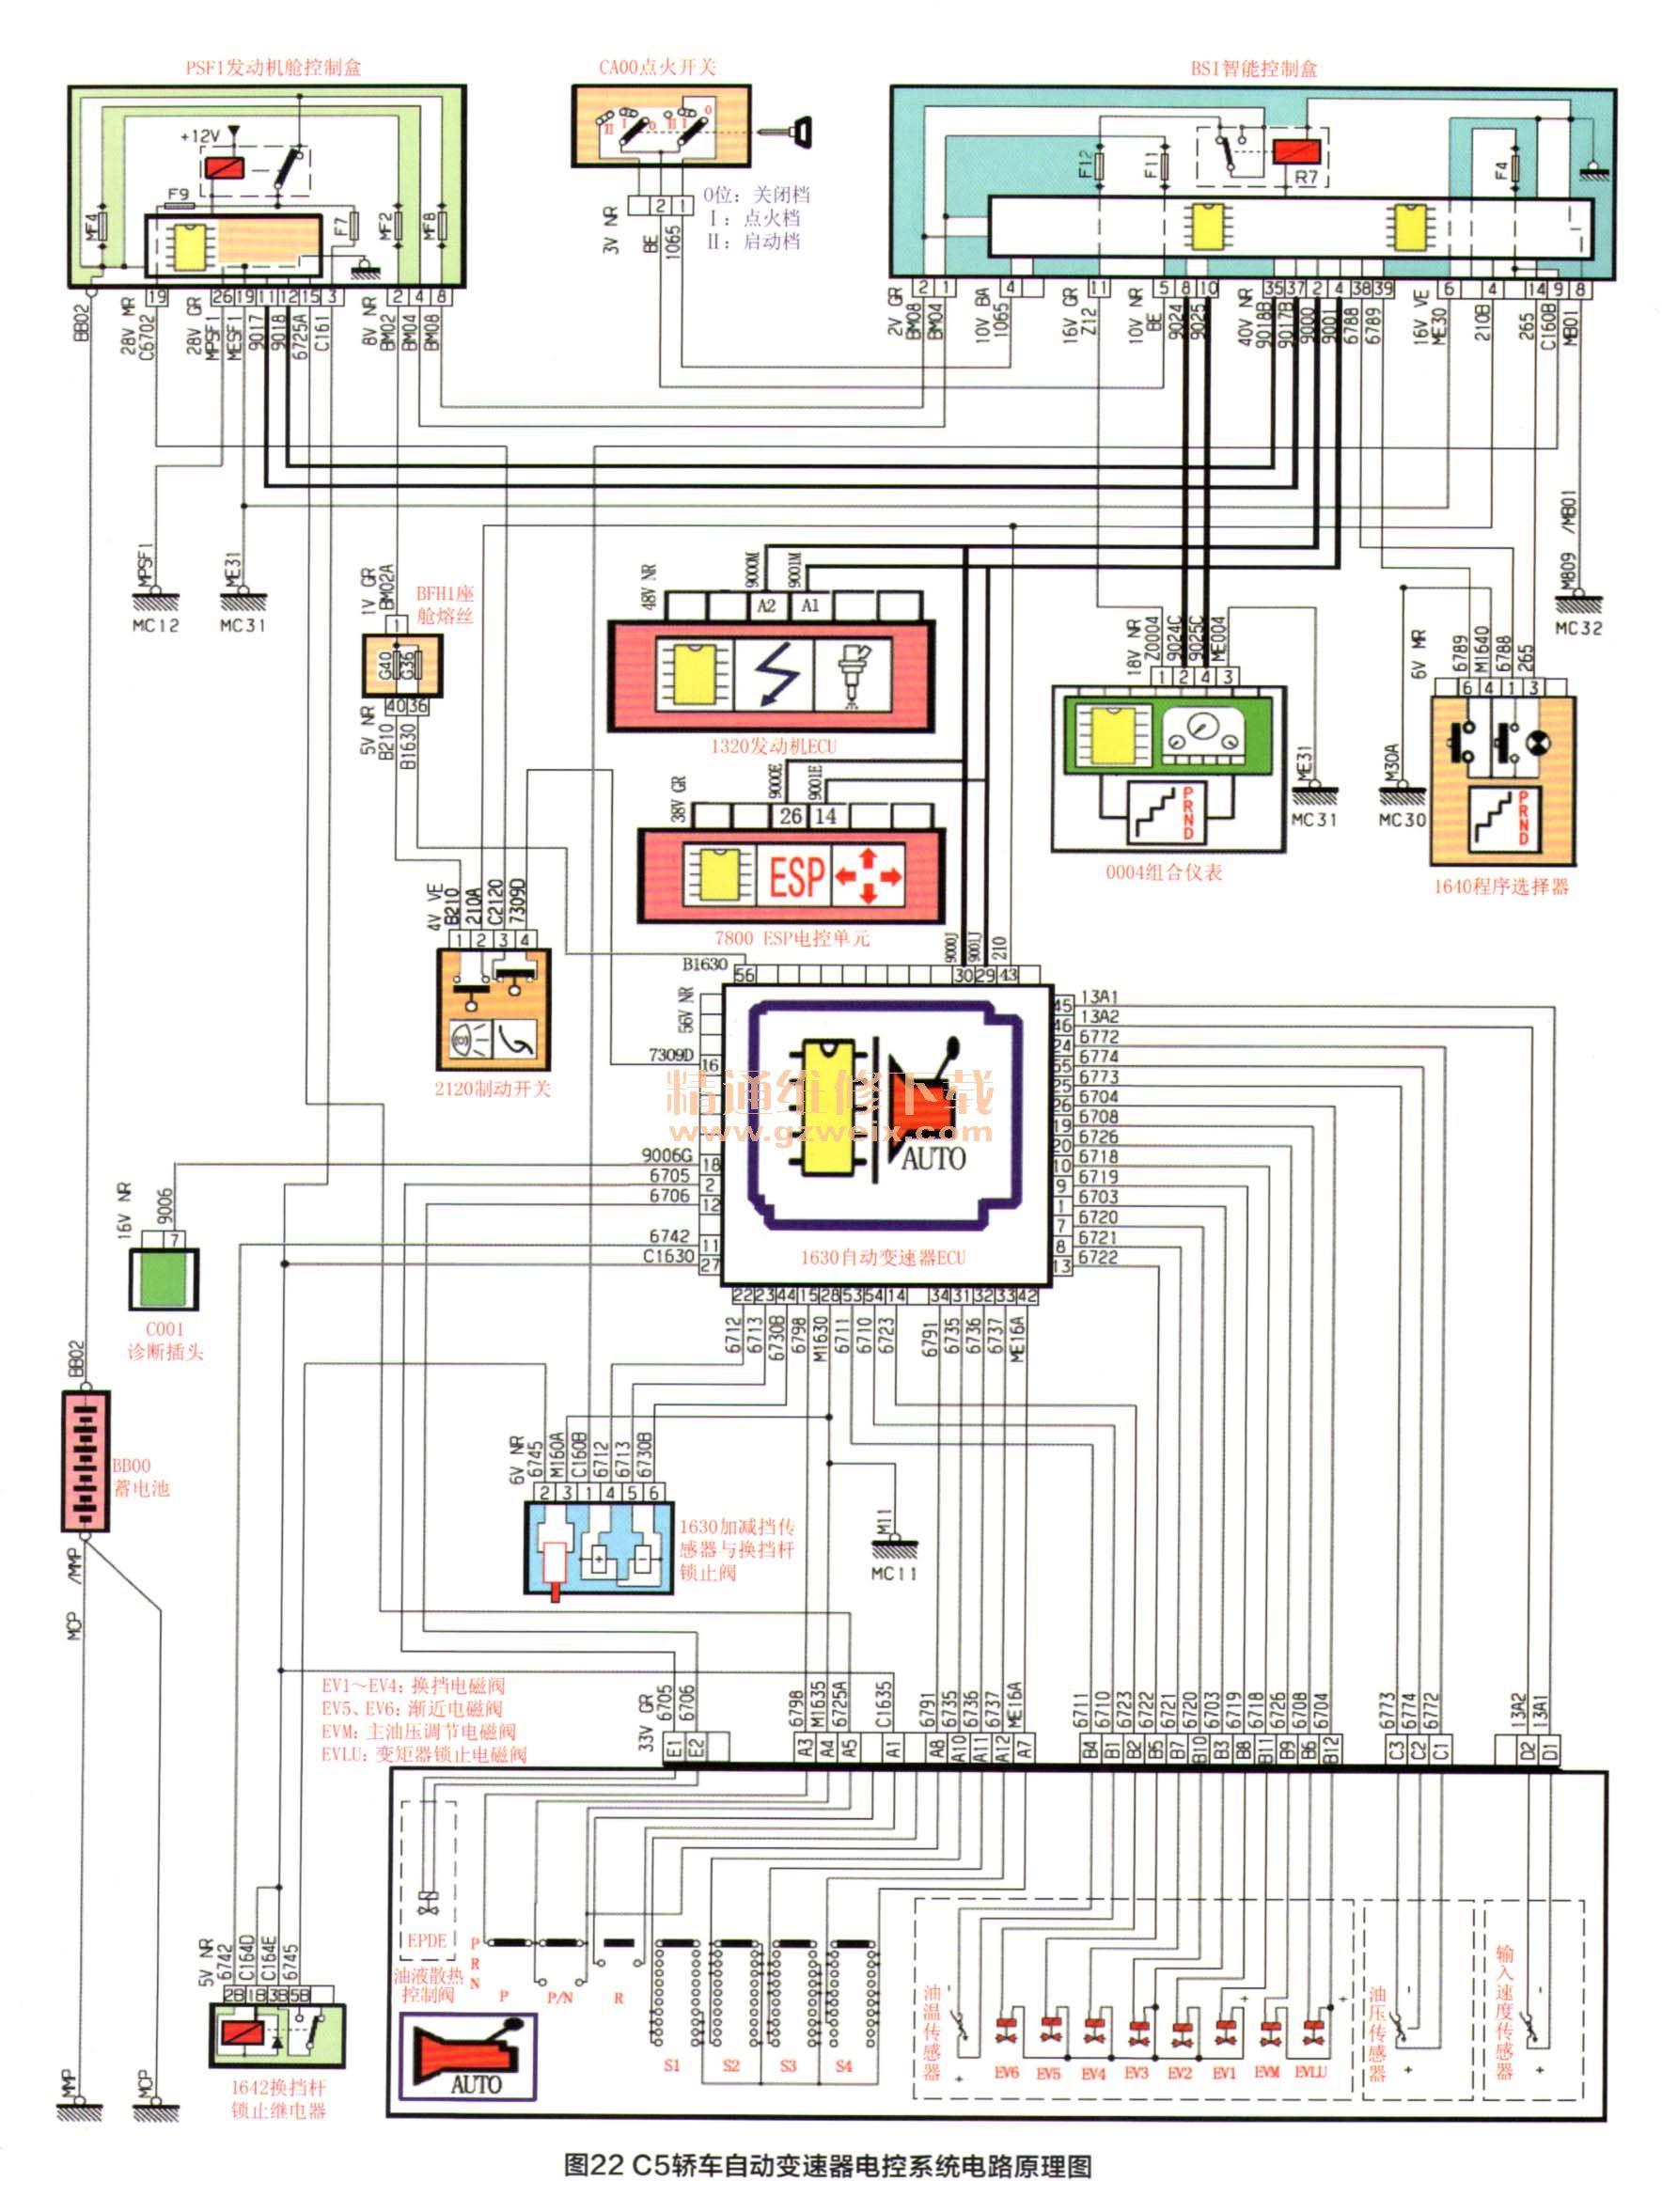 解析东风雪铁龙c5各电控系统电路图----自动变速器系统下篇